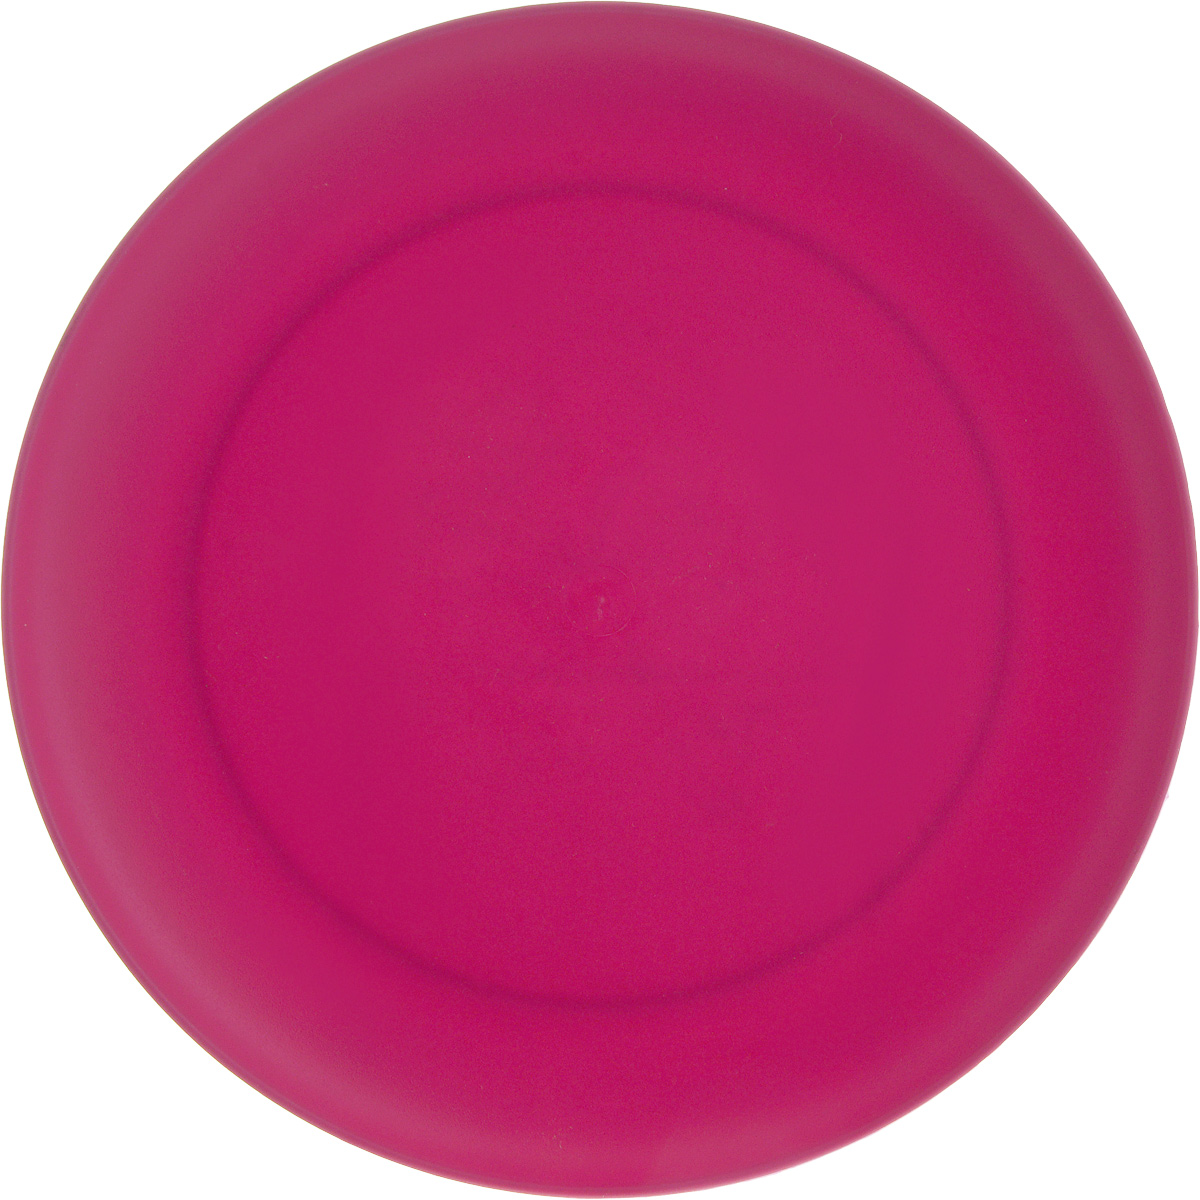 Тарелка Gotoff, цвет: малиновый, диаметр 23,5 смWTC-273_малиновыйКруглая тарелка Gotoff выполнена из прочного пищевого полипропилена. Изделие отлично подойдет как для холодных, так и для горячих блюд. Его удобно использовать дома или на даче, брать с собой на пикники и в поездки. Отличный вариант для детских праздников. Такая тарелка не разобьется и будет служить вам долгое время.